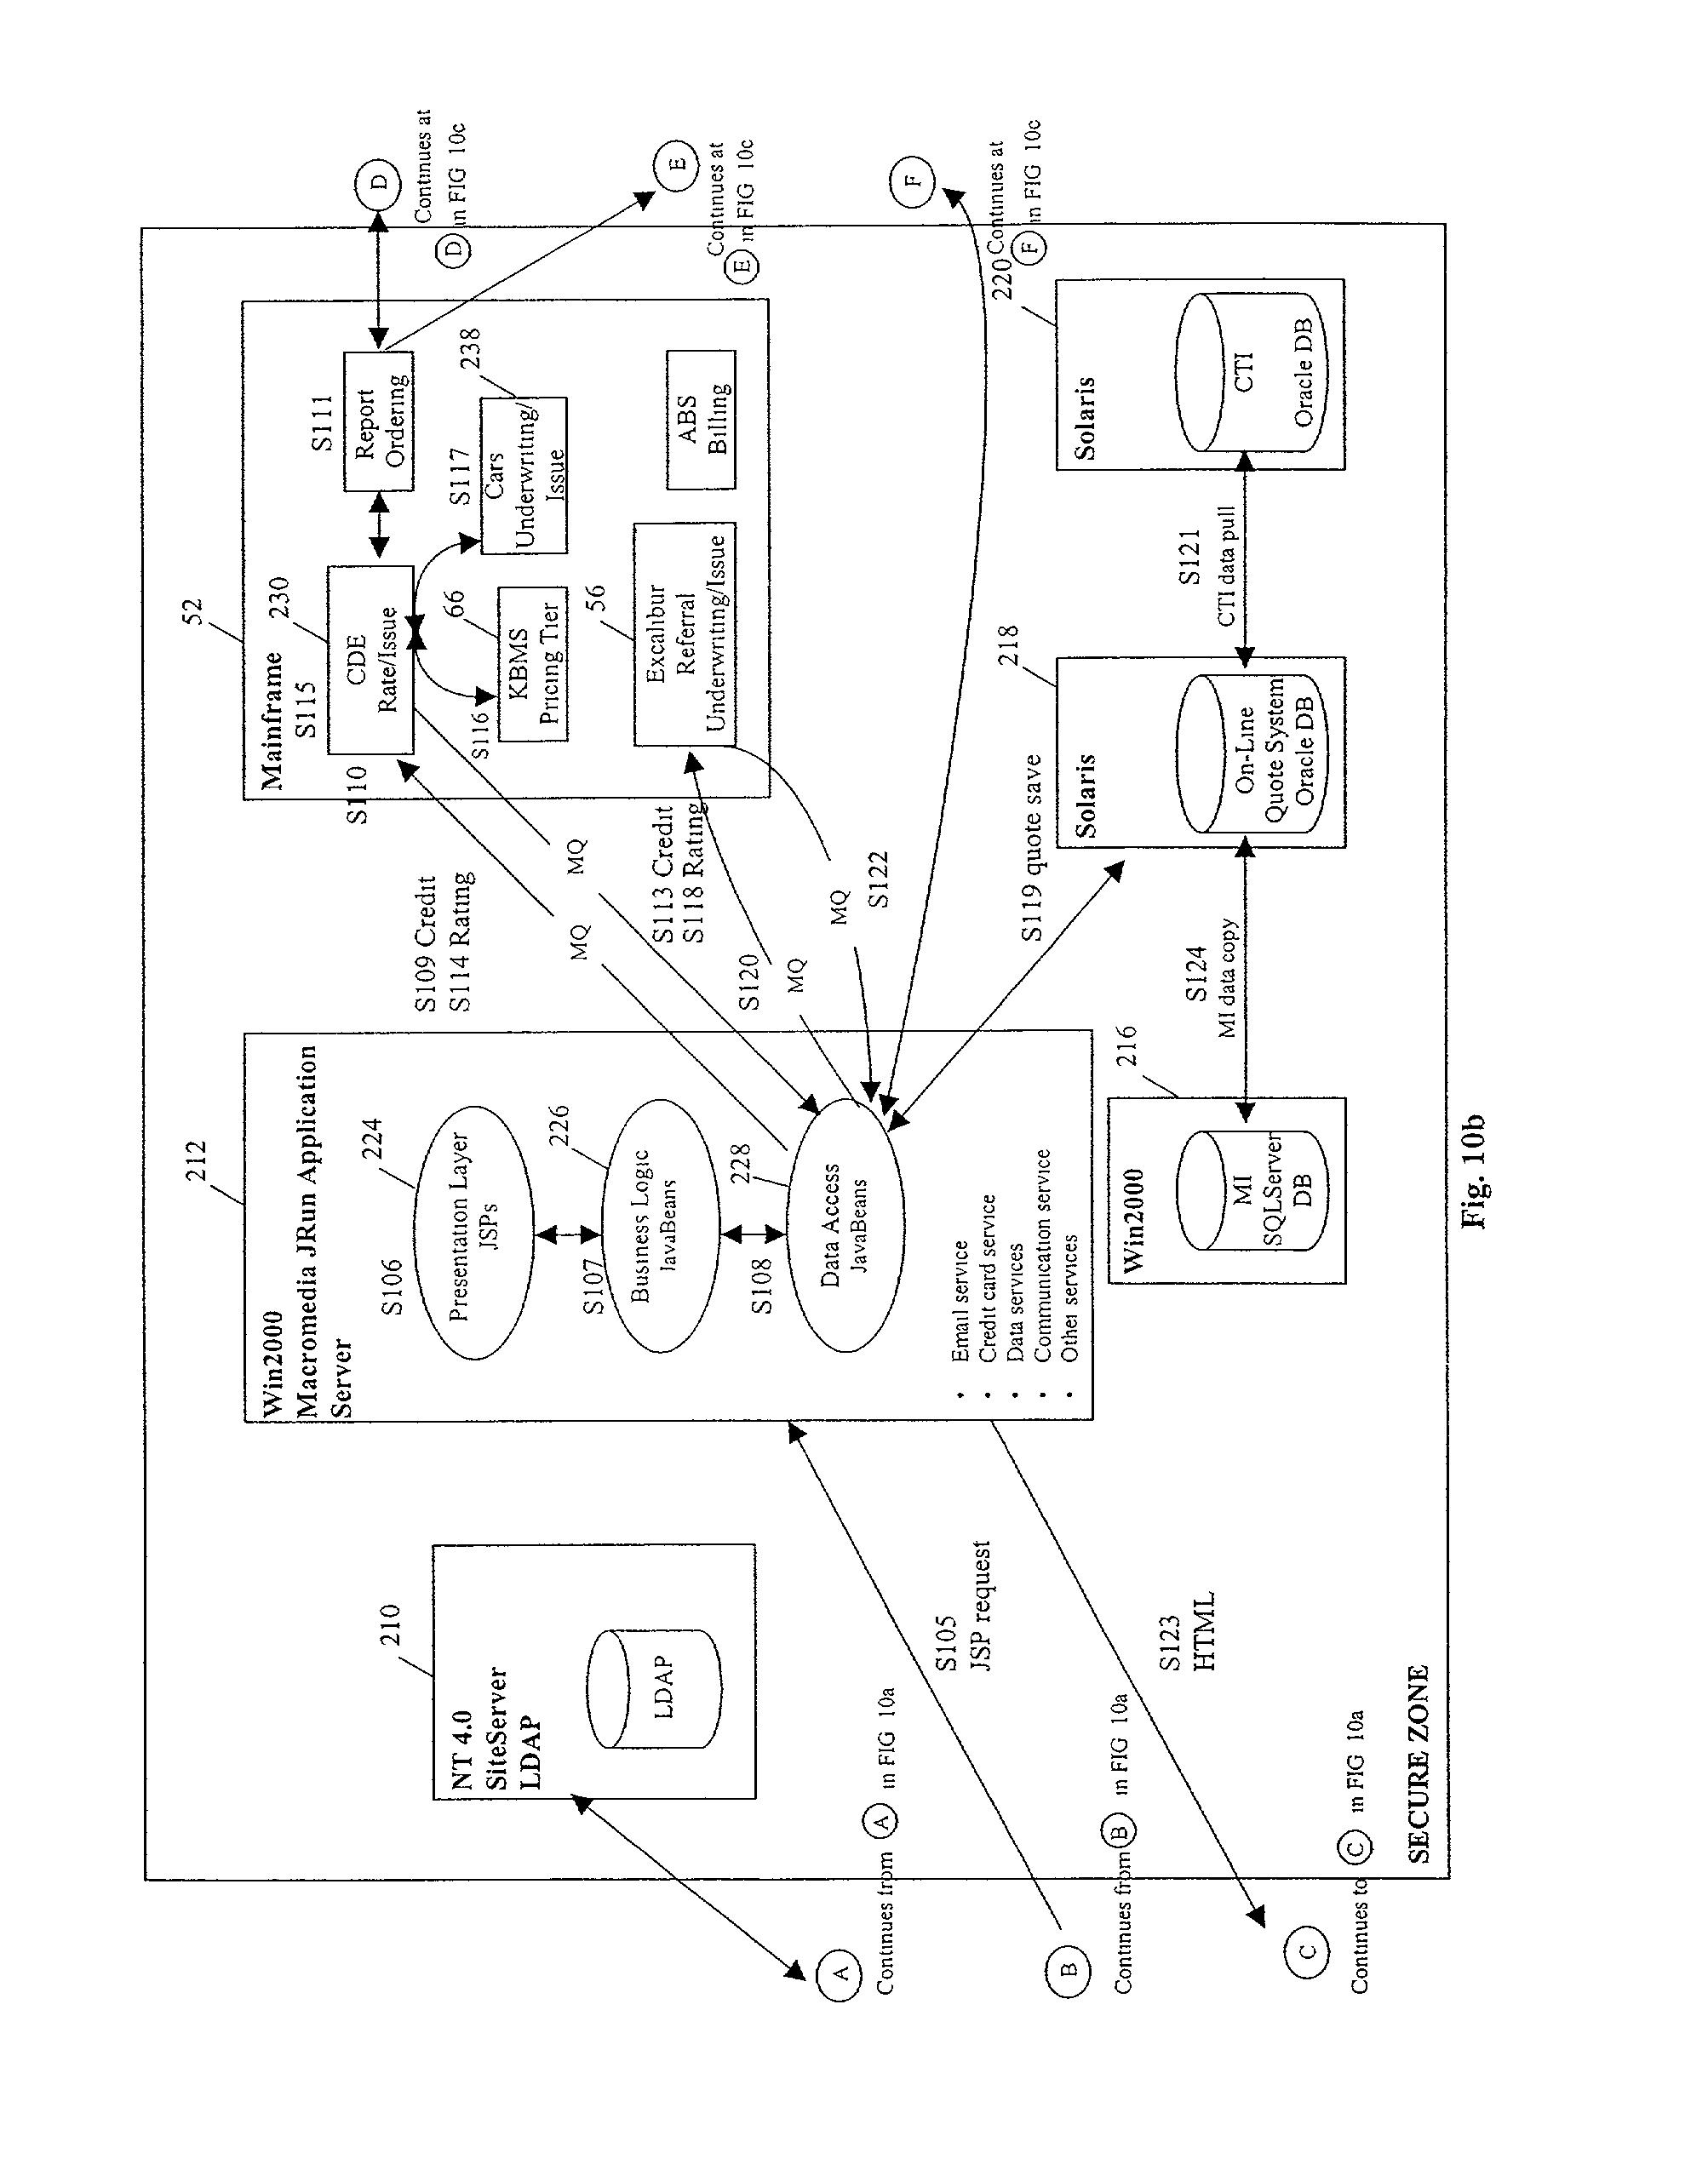 patent us 7 490 050 b2 In Rack Sprinkler System patent